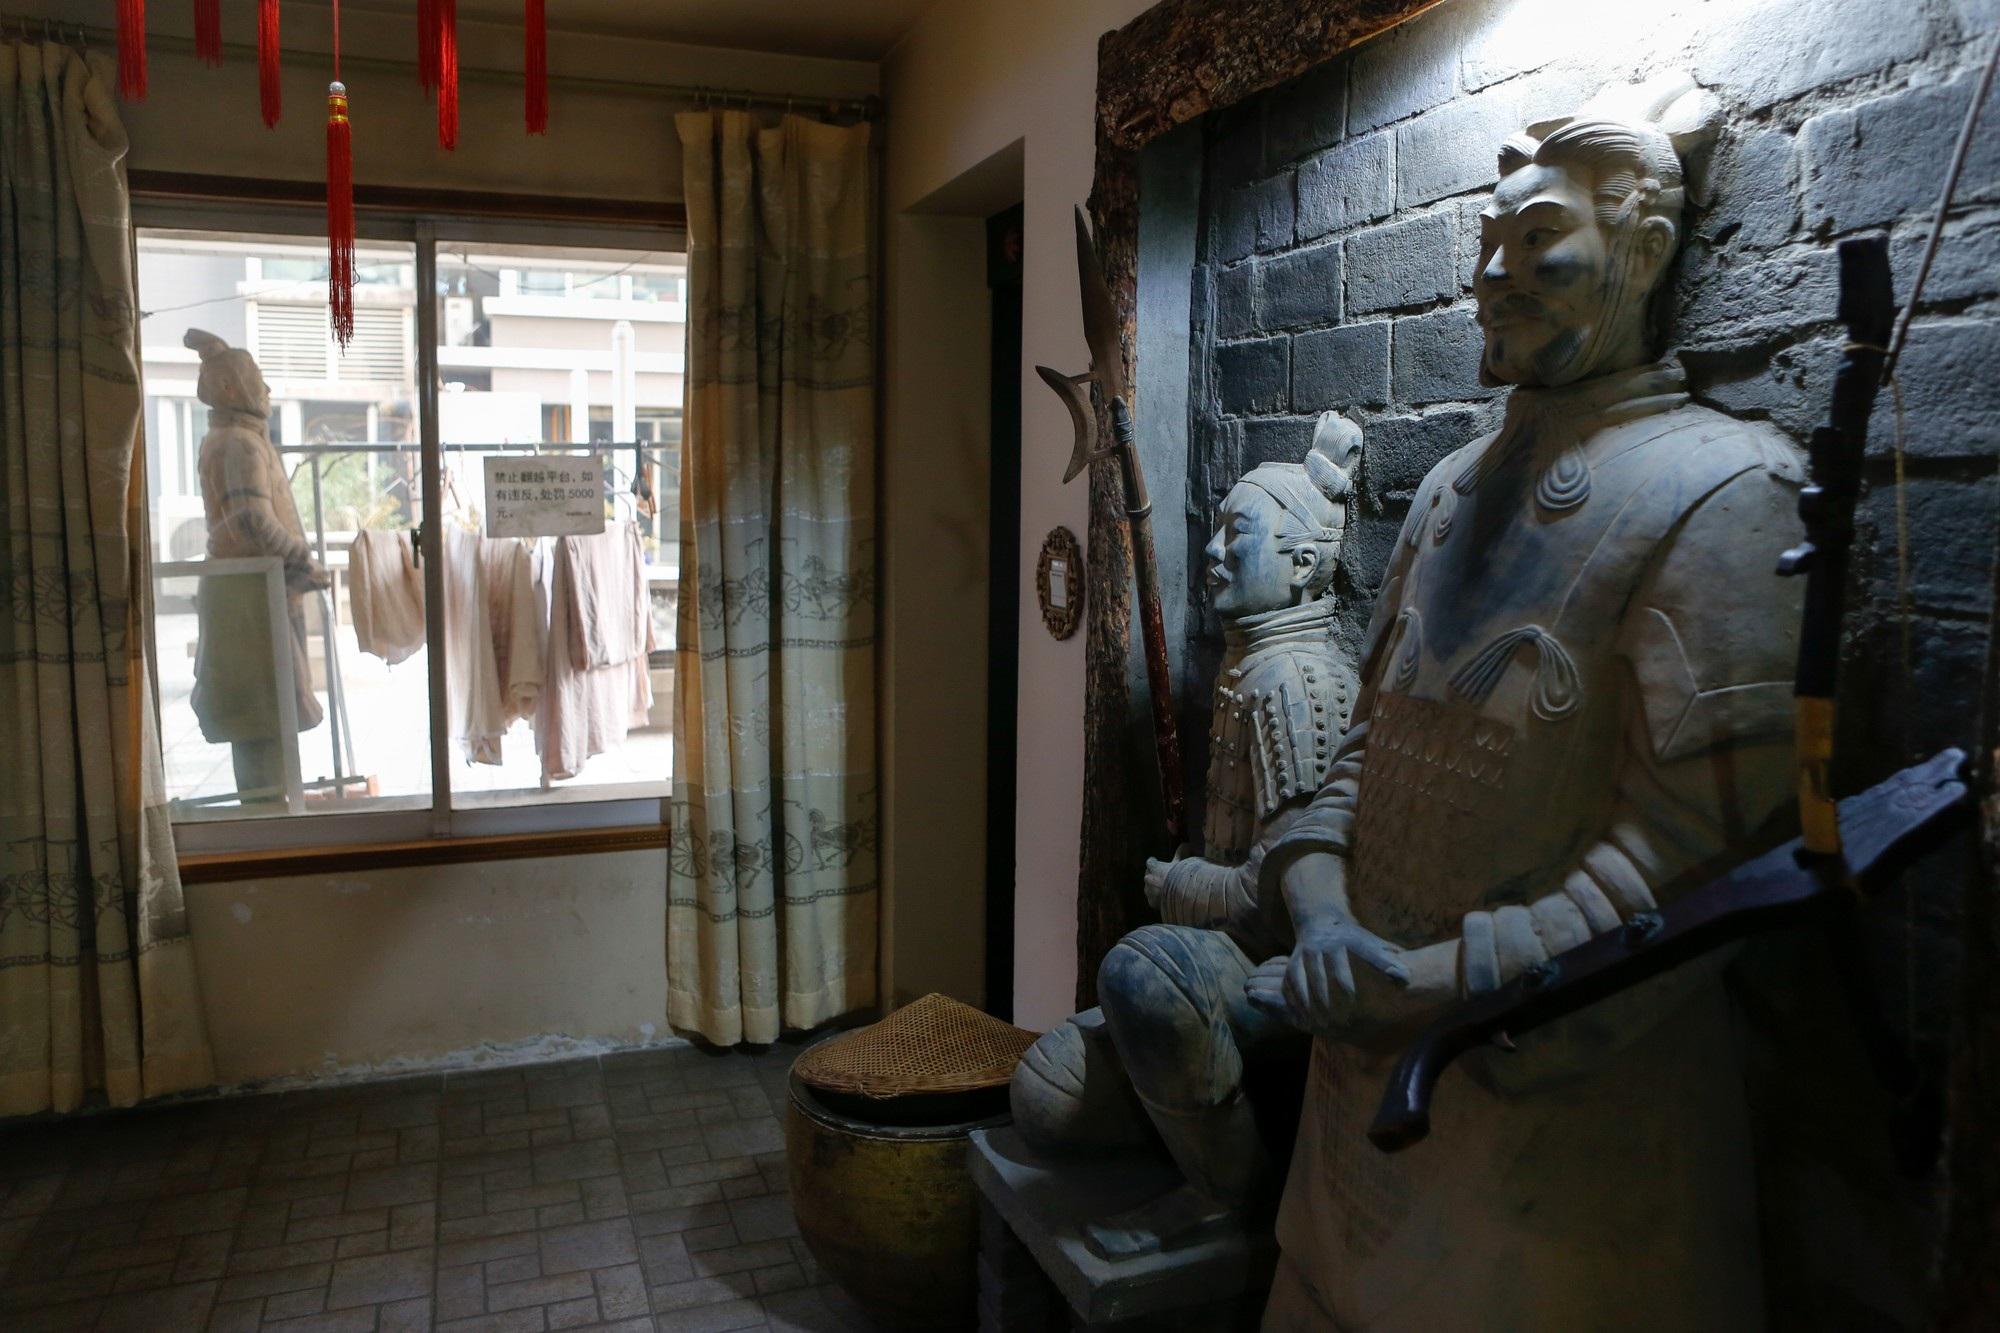 Trải nghiệm cảm giác ngủ cùng đội quân hộ tống Tần Thủy Hoàng - Ảnh 3.